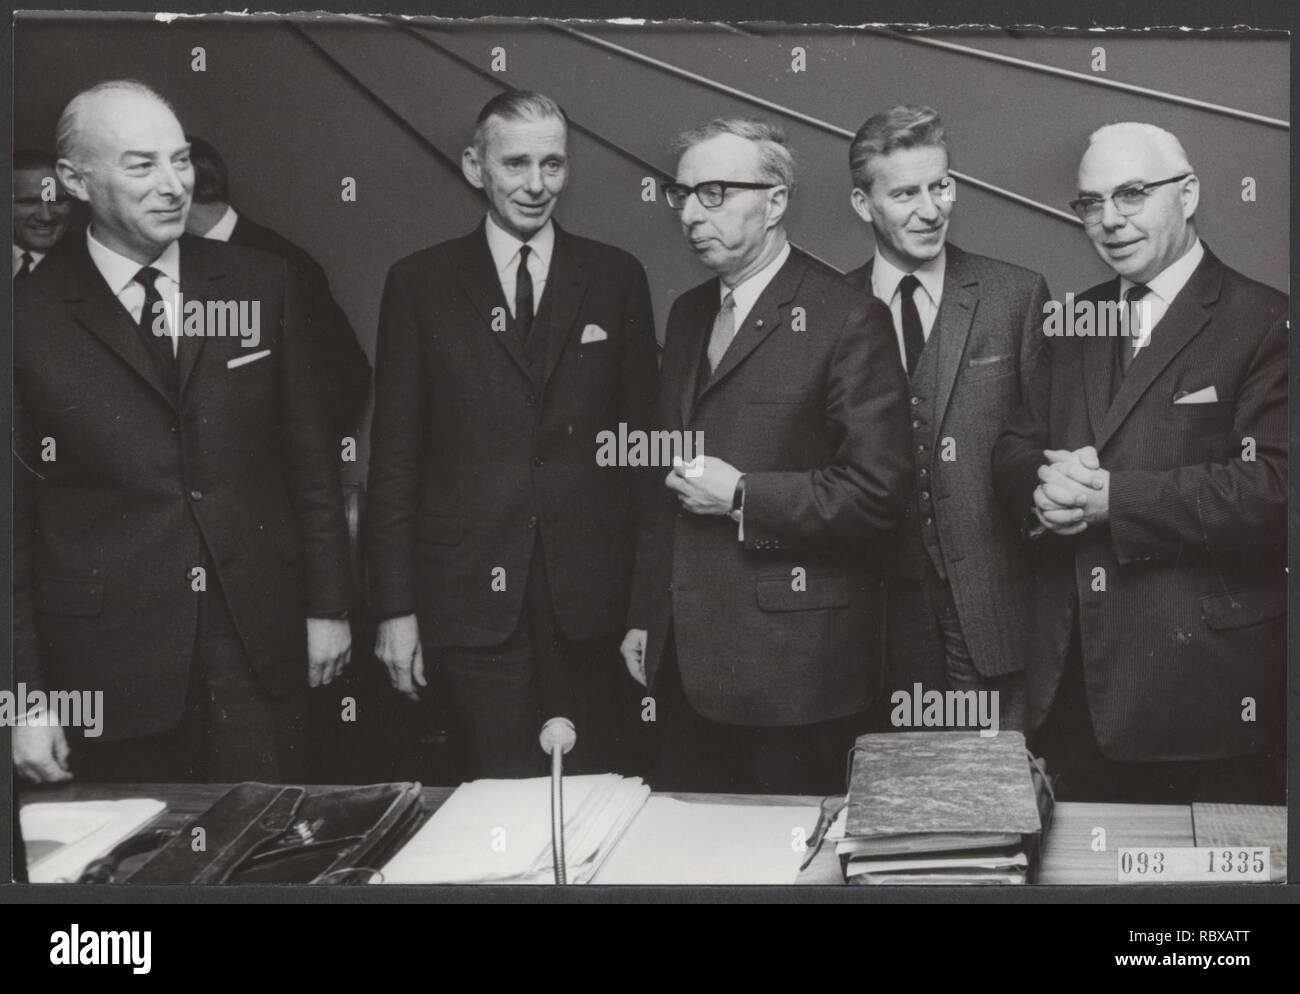 Activiteiten minister van financien zijlstra in 1966 1967, Bestanddeelnr 093-1335. - Stock Image